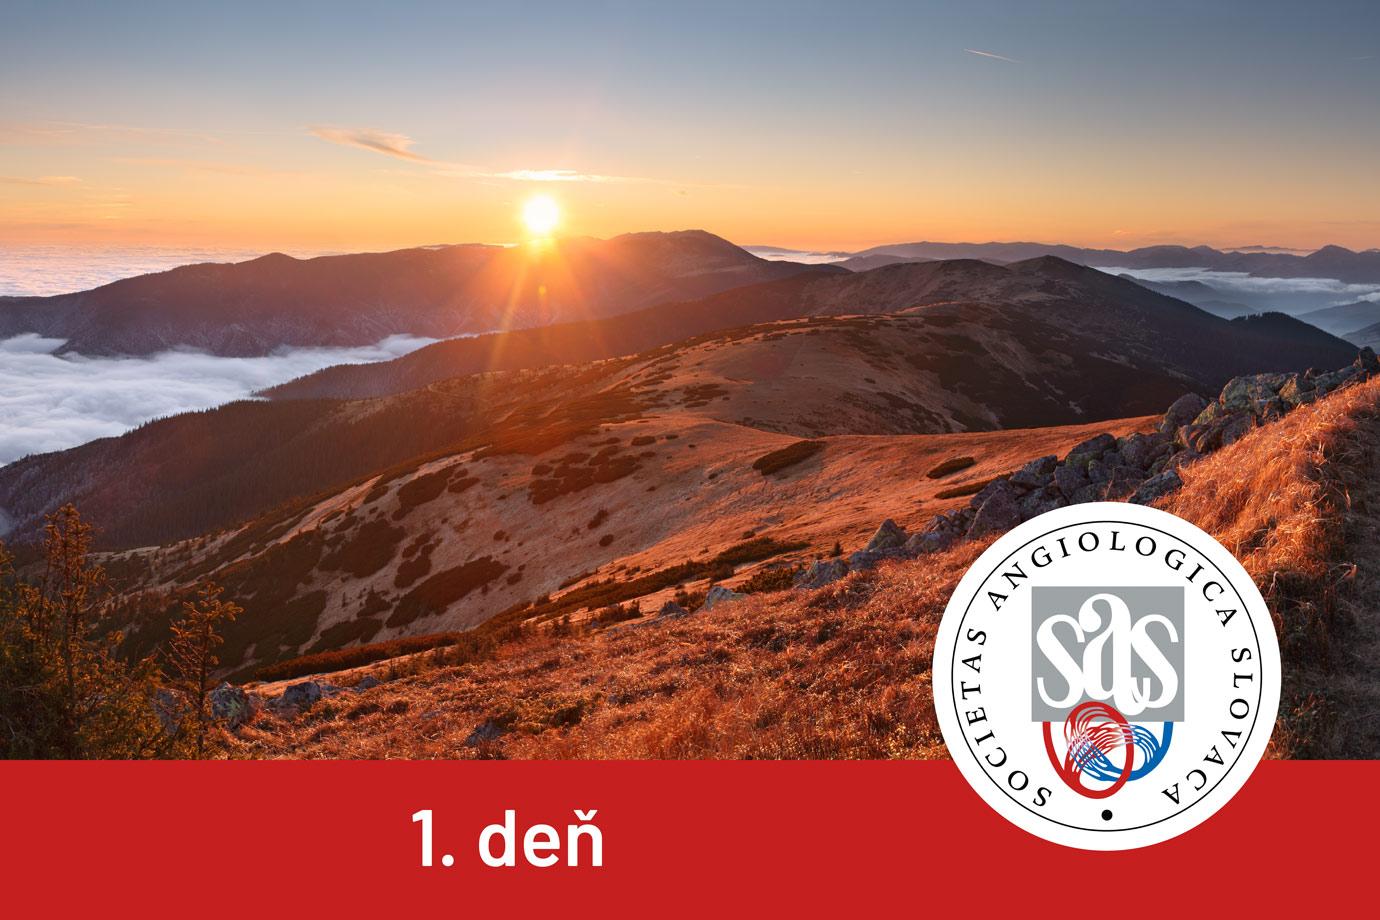 XXVIII. SLOVENSKÝ ANGIOLOGICKÝ KONGRES - 1. deň